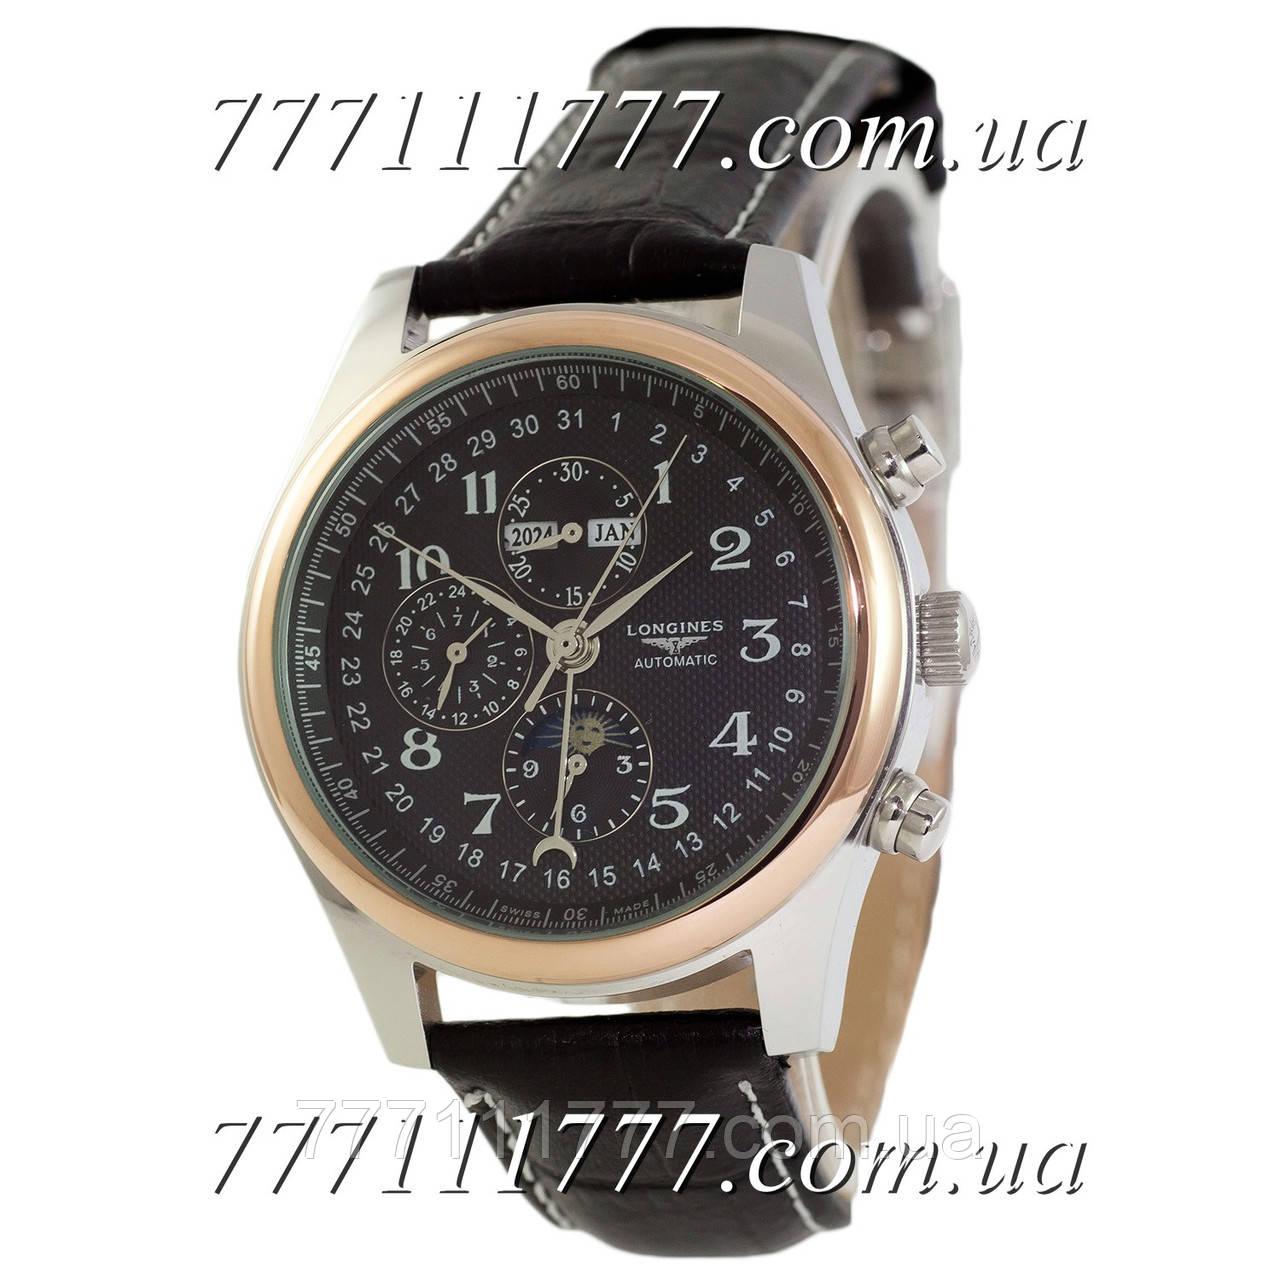 Мужские часы наручные longine часы наручные оптом в перми